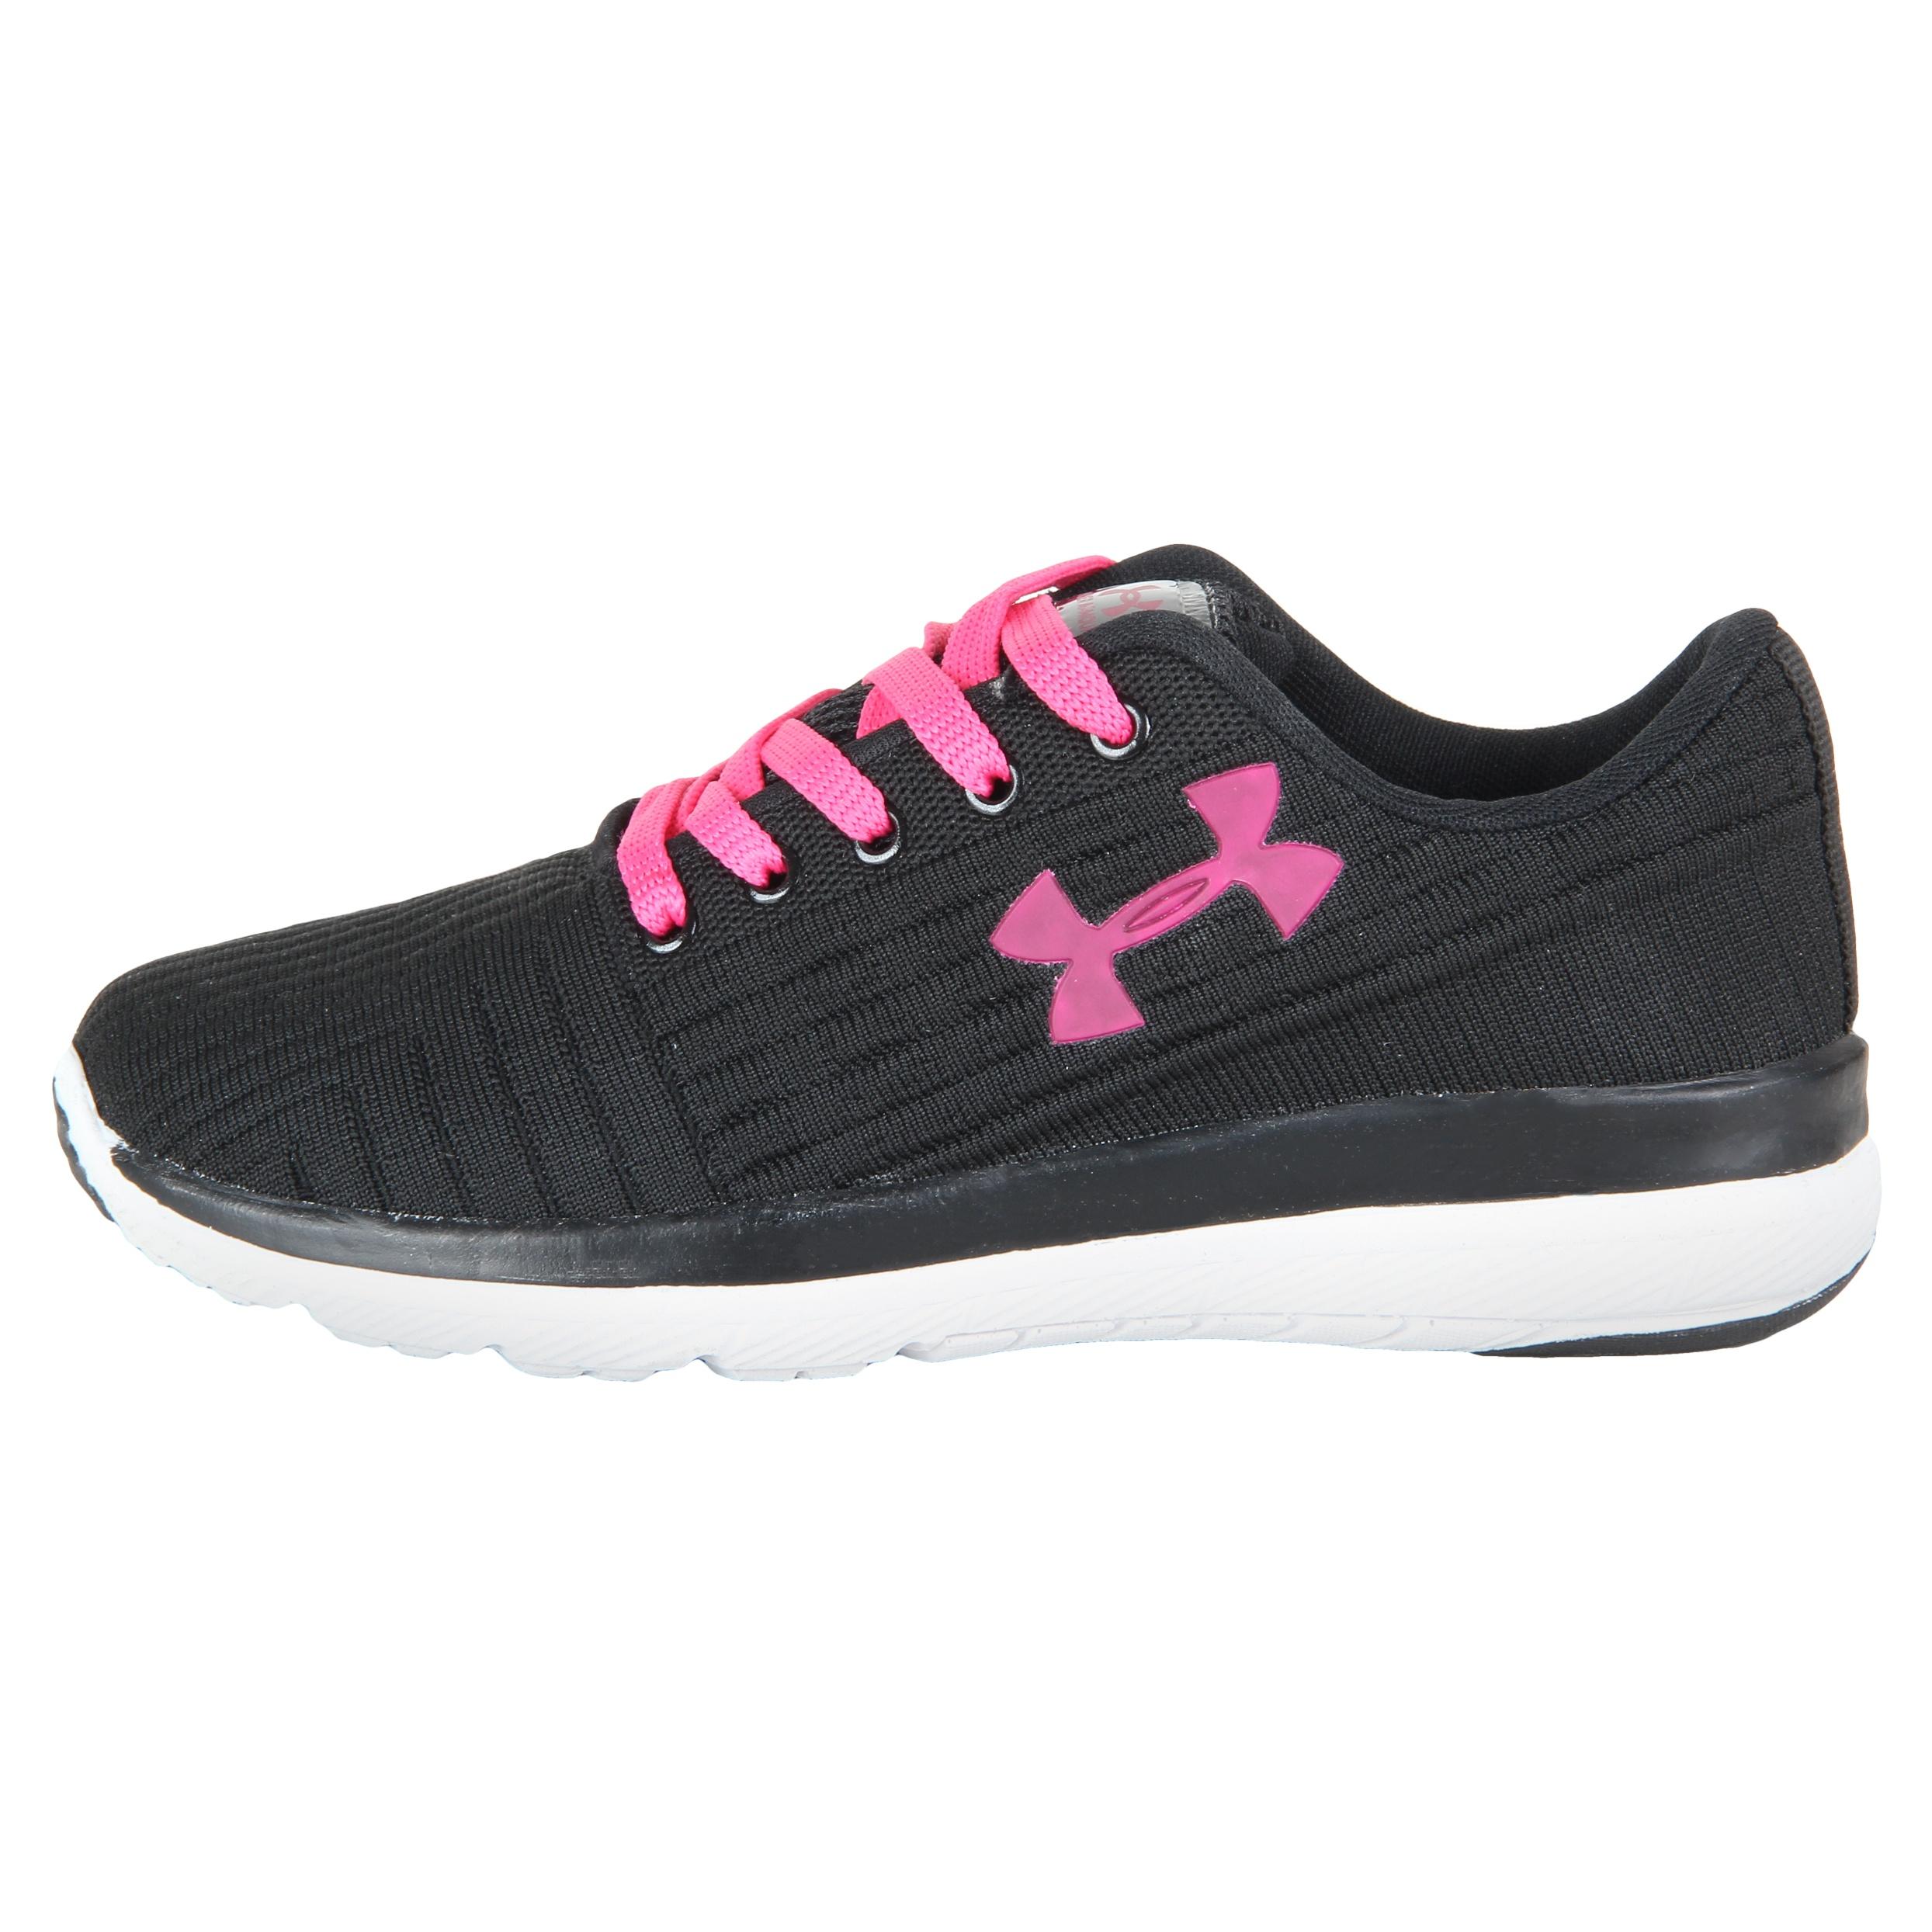 کفش مخصوص پیاده روی زنانه کد 1-1-2449